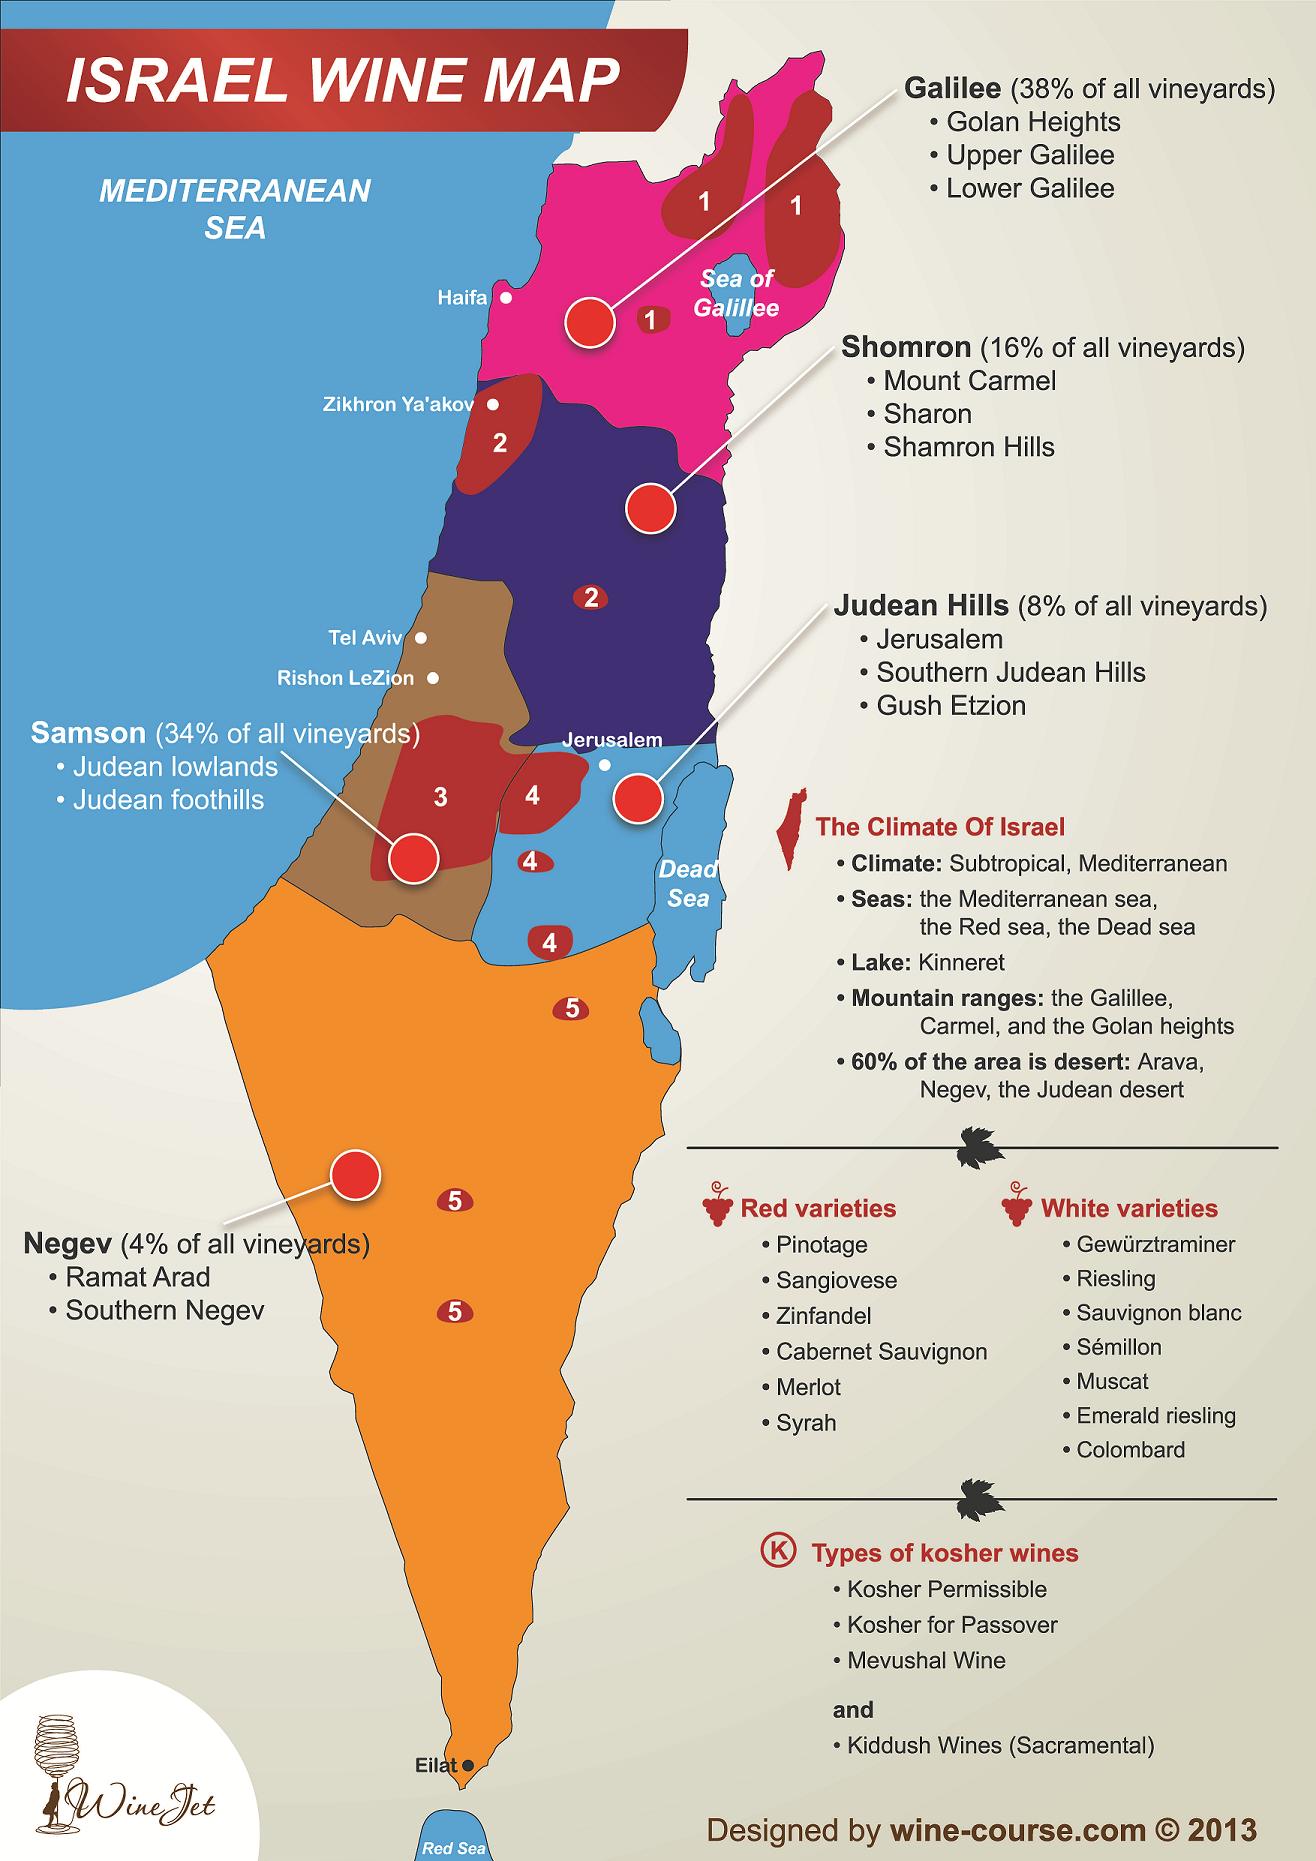 israelwinemapbig1.png